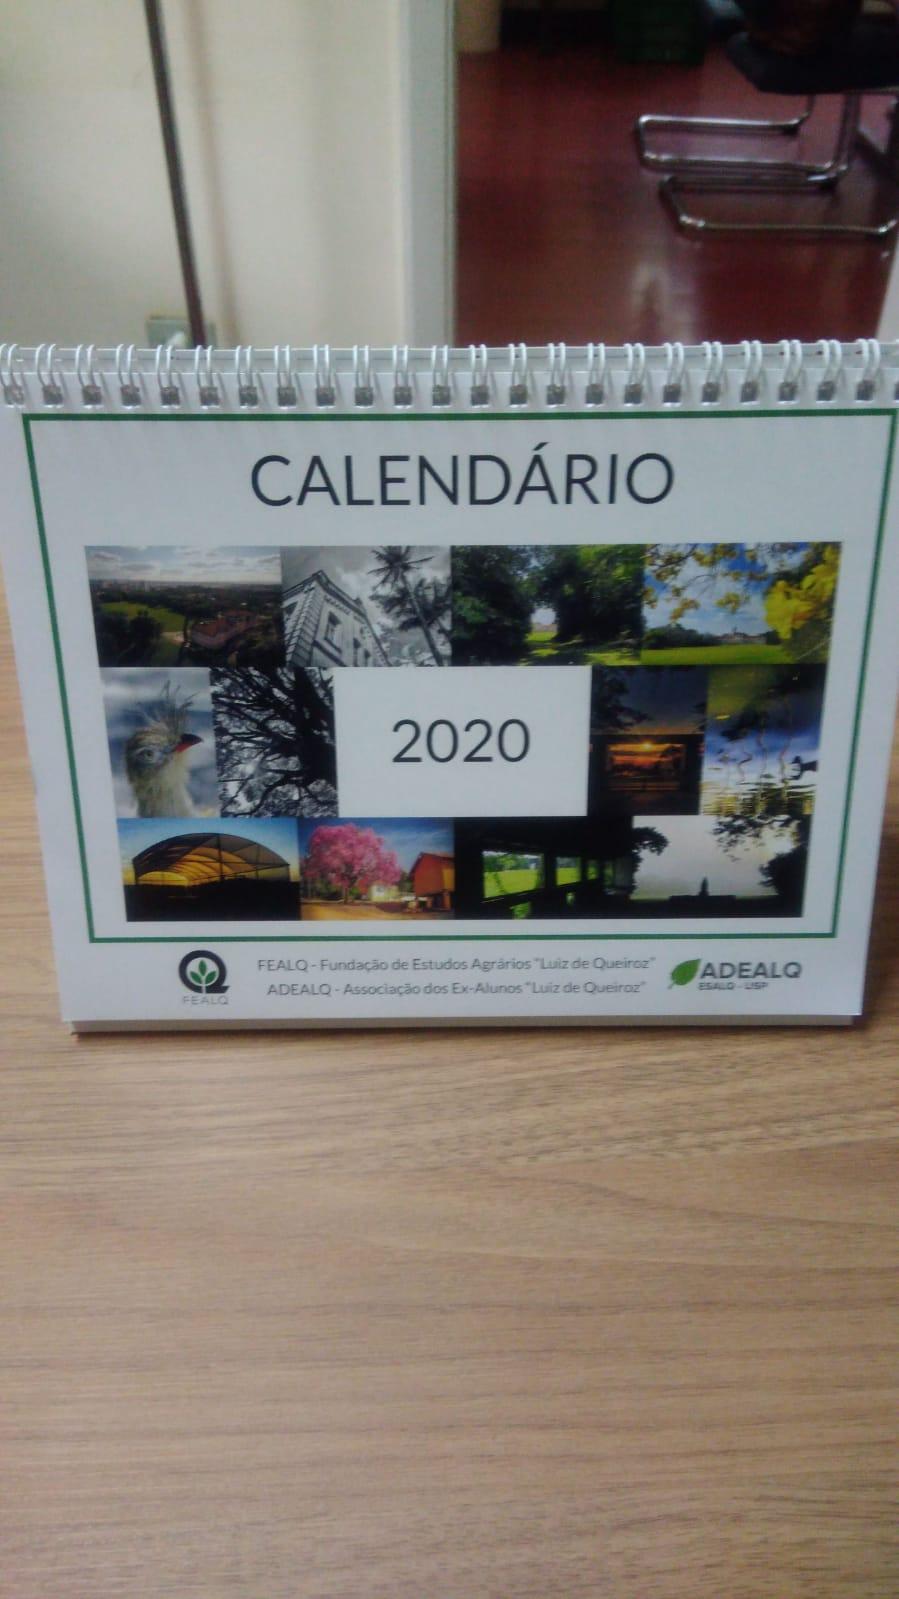 Calendário 2020 adealq